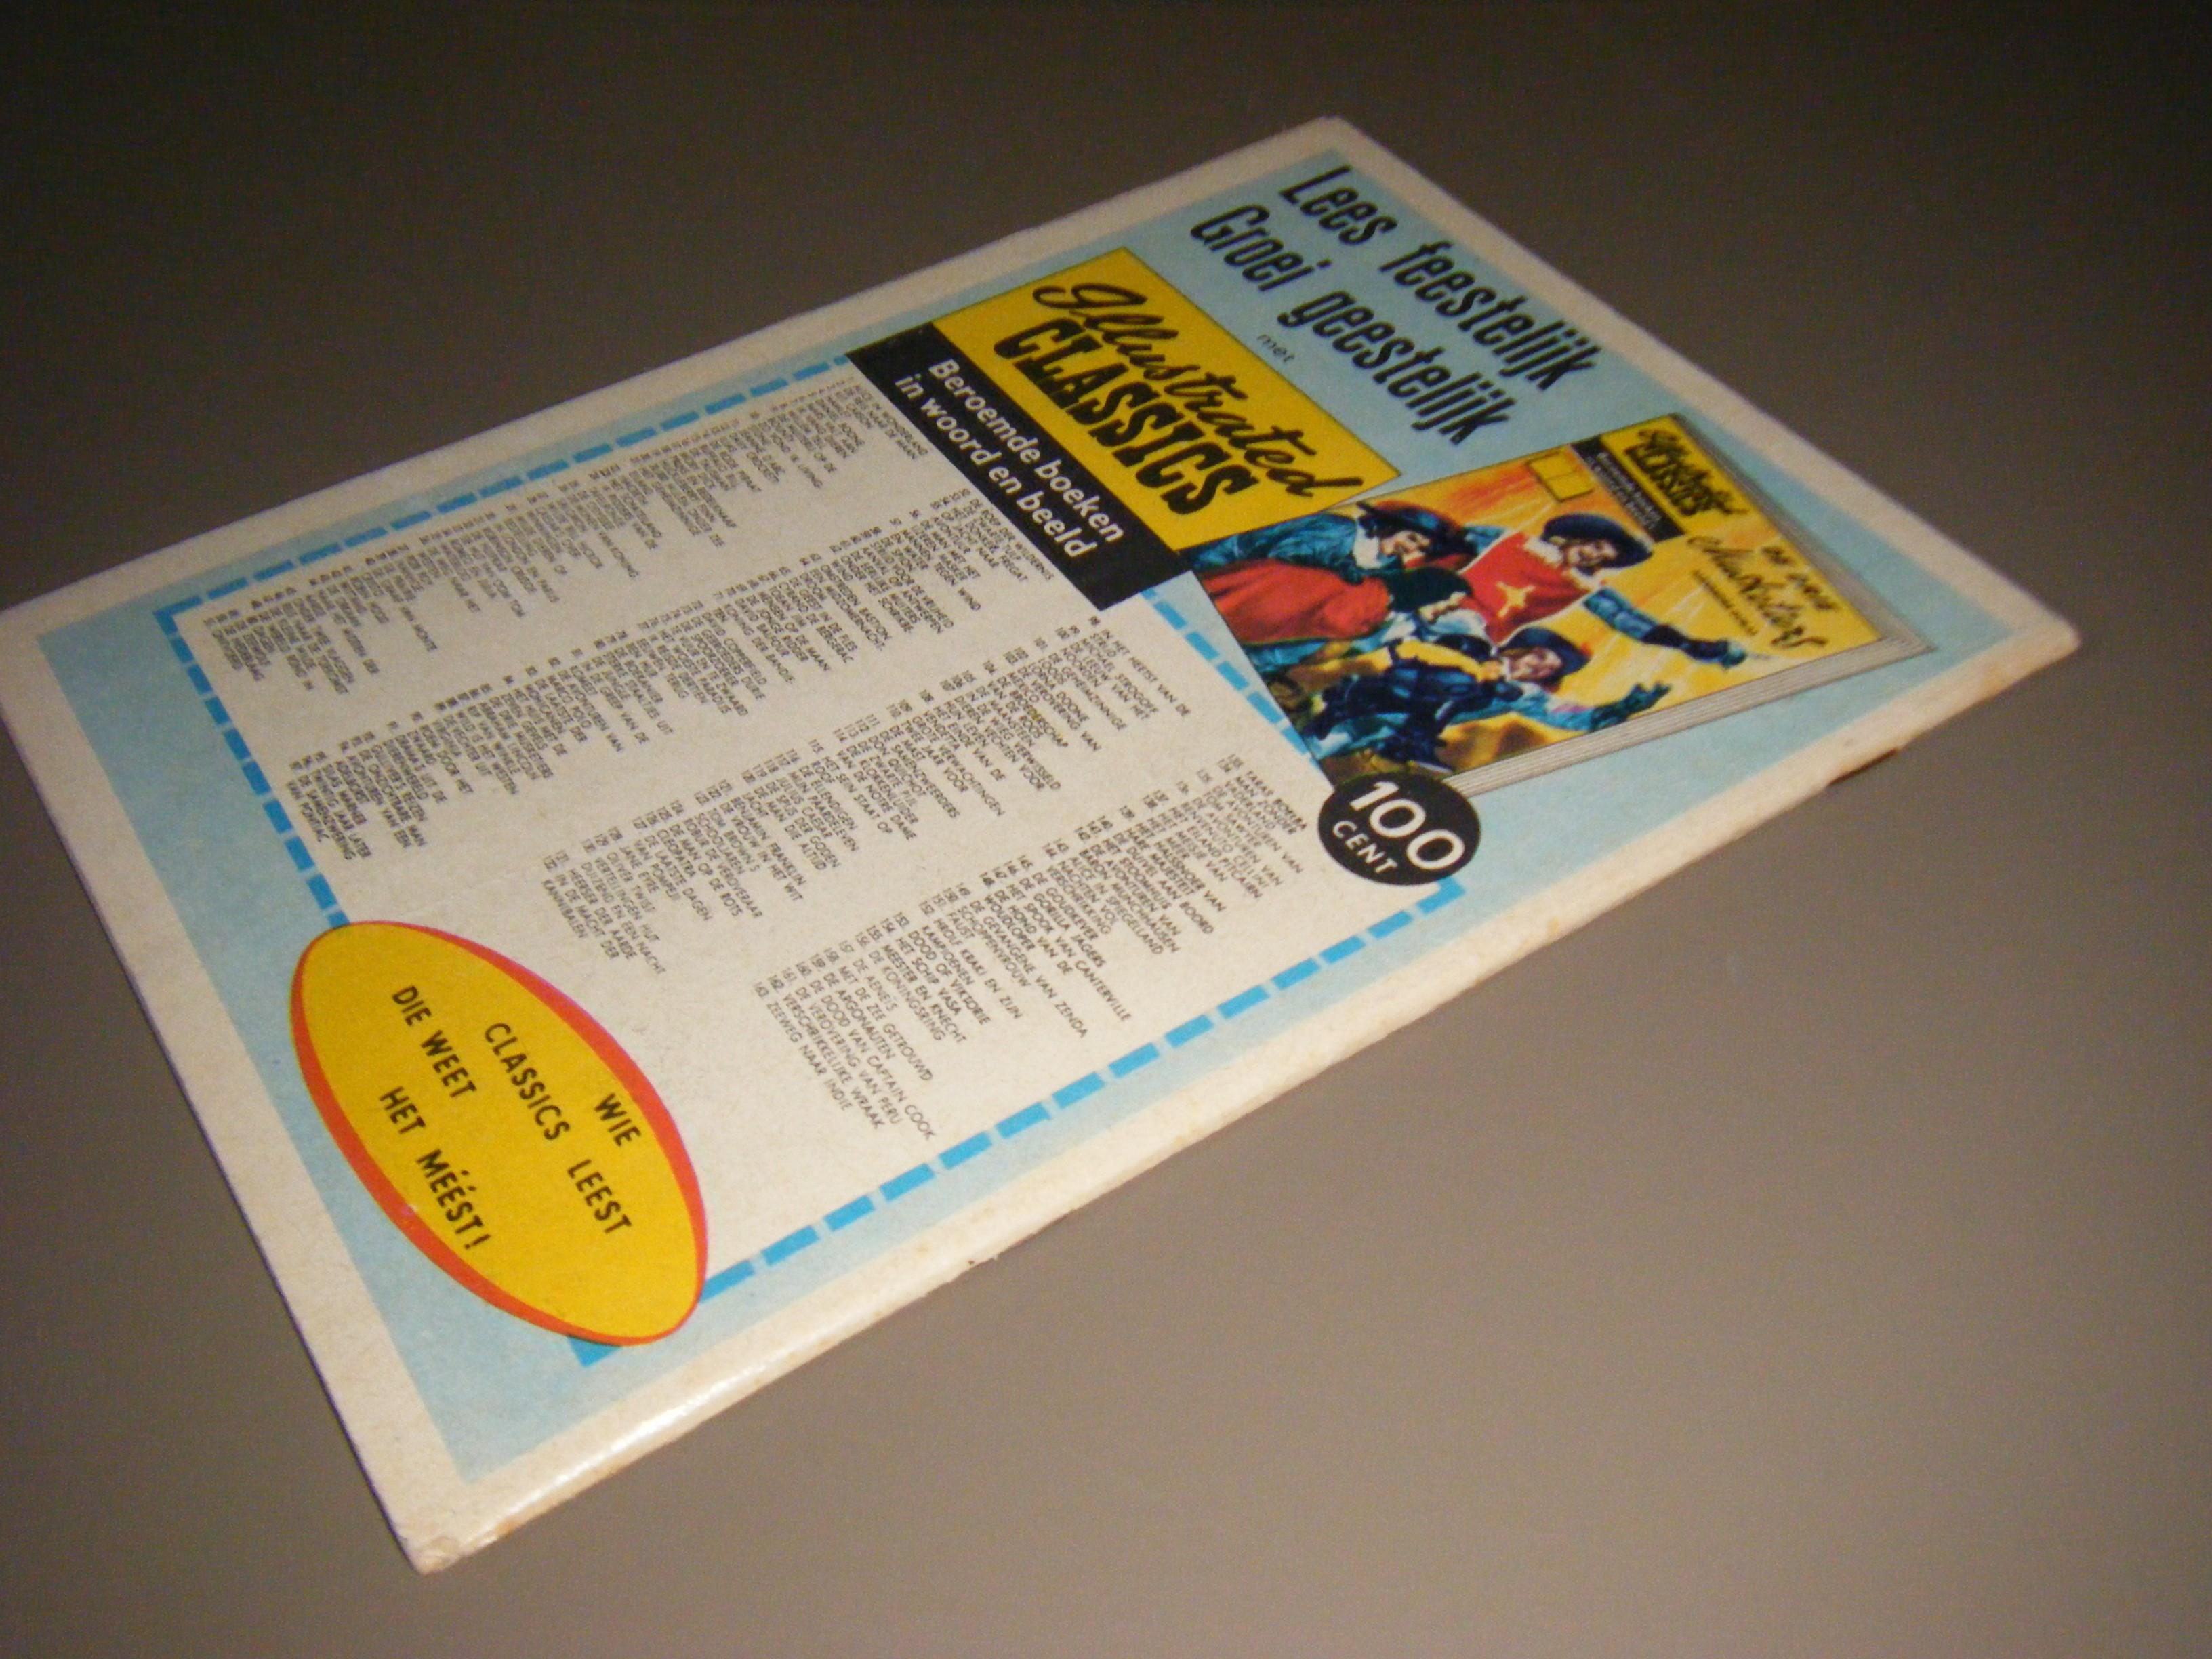 - DE ZEVEN VEROORDEELDEN. Illustrated CLASSICS. Beroemde boeken in woord en beeld. No. 191. (printed in Poland.)